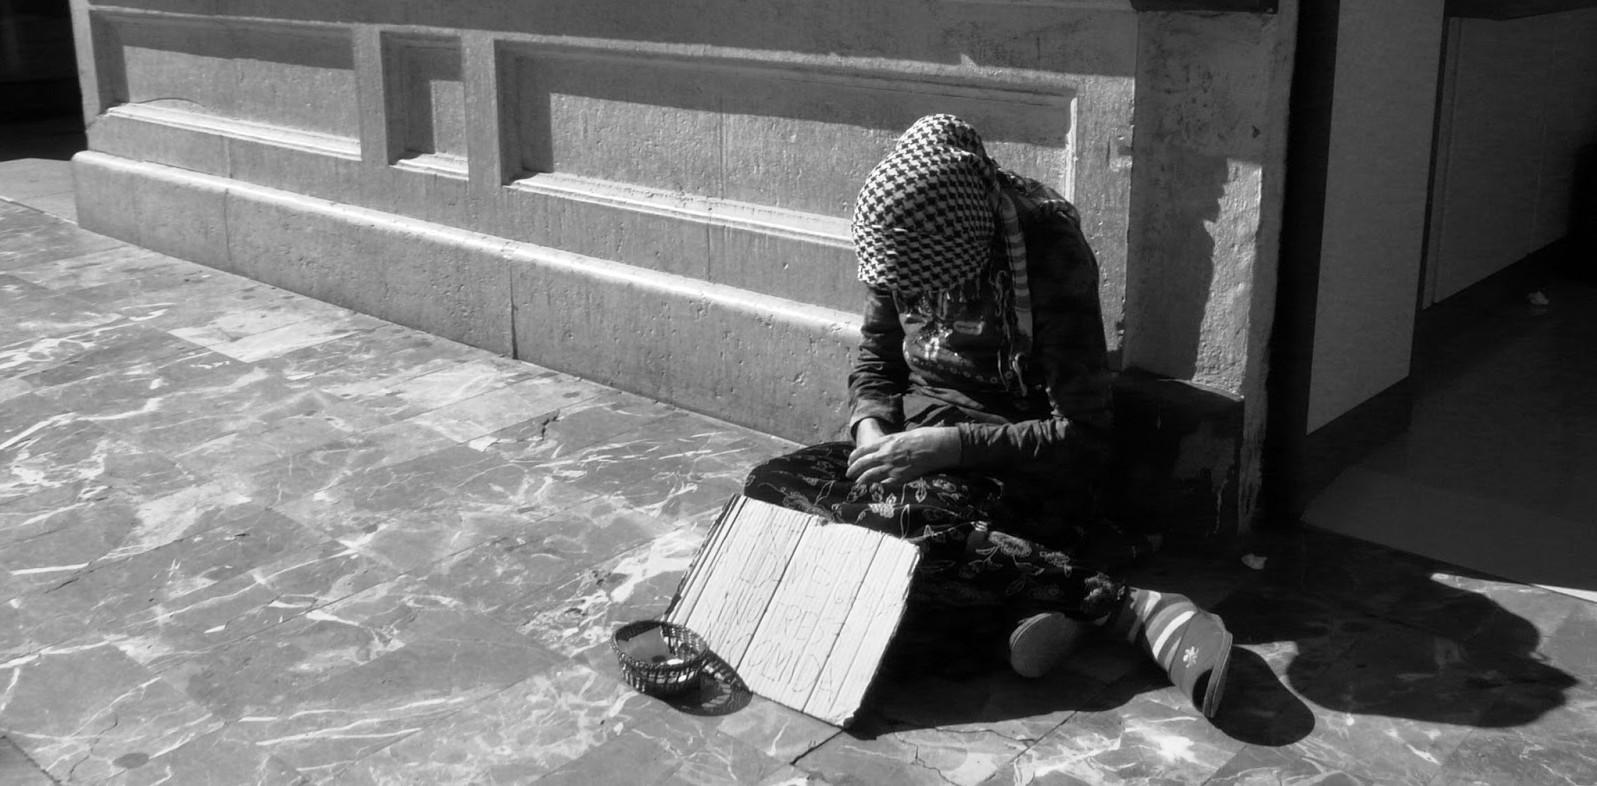 La tasa de riesgo de pobreza en Canarias se reduce en 4,5 puntos en un año